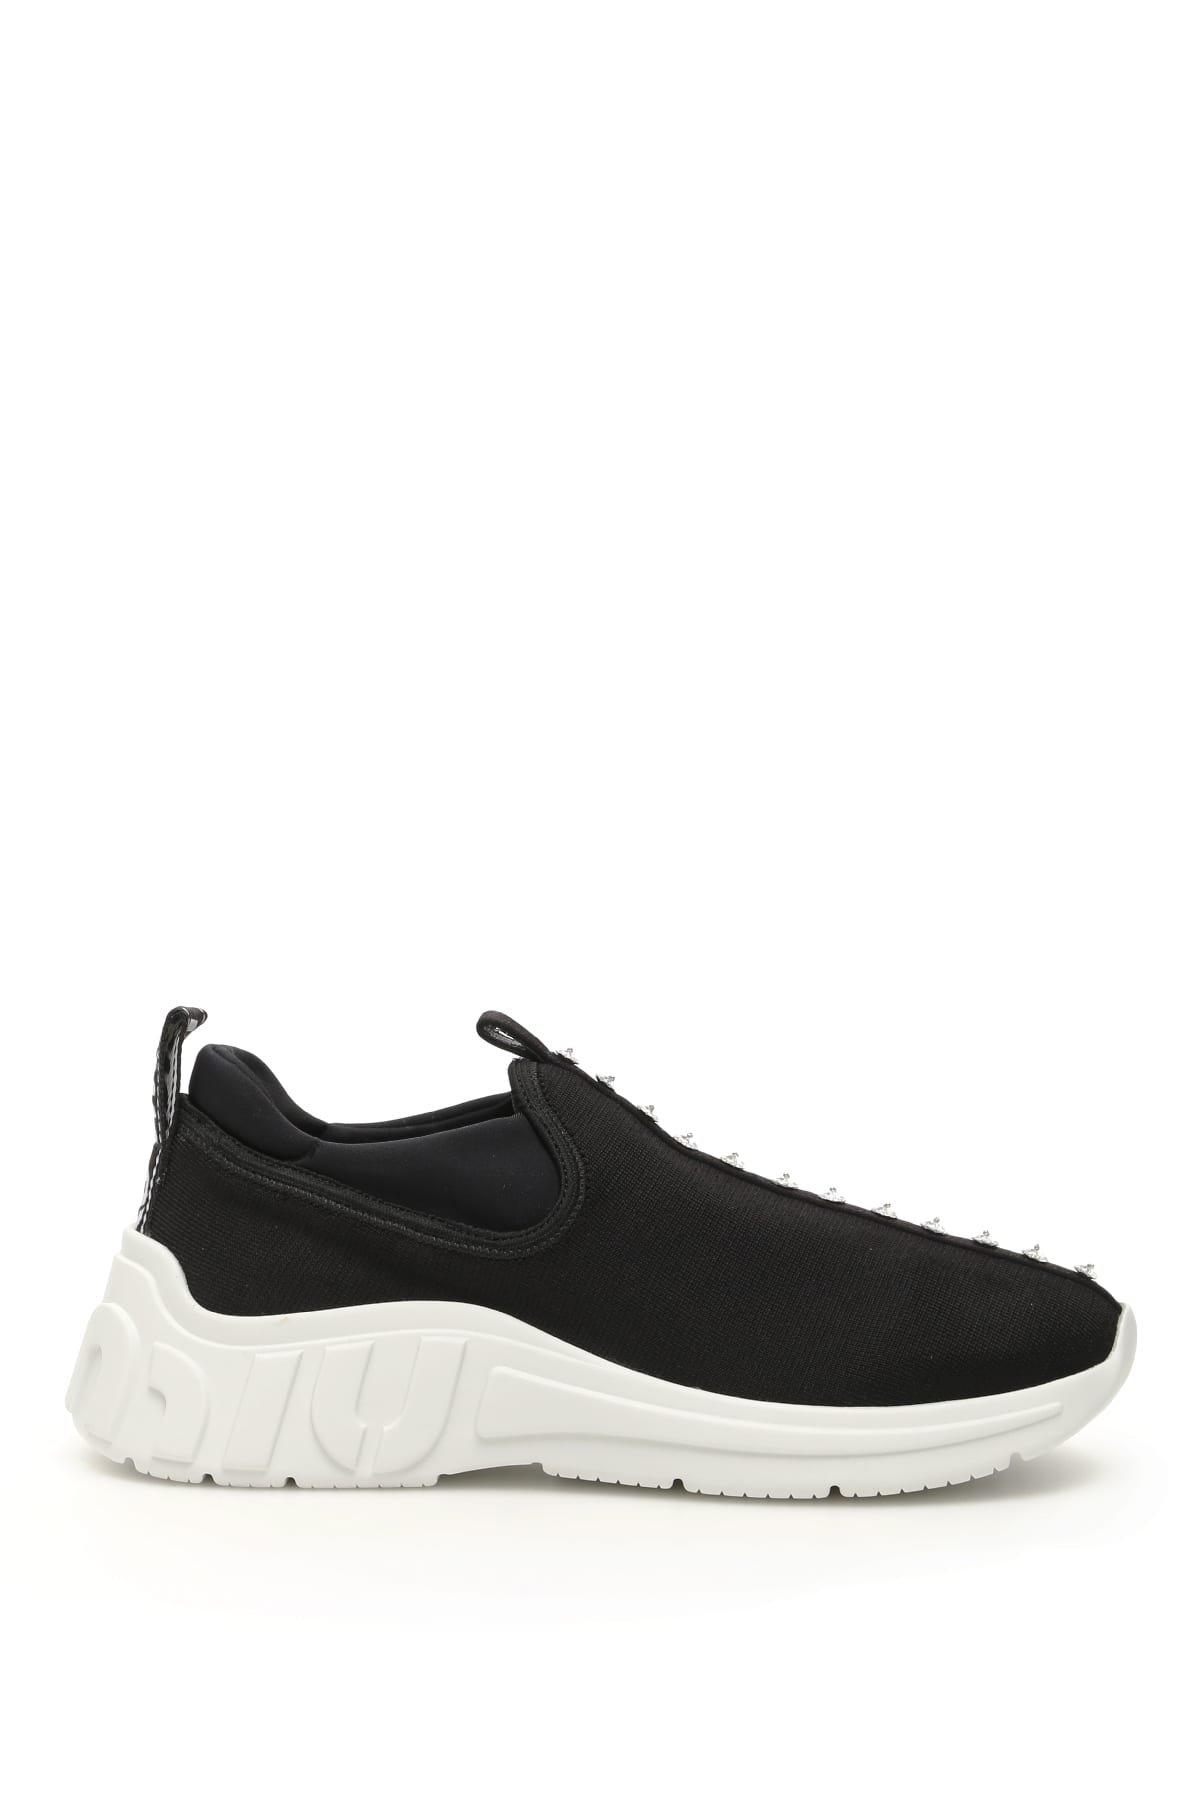 Miu Miu Crystal Miu Run Sneakers